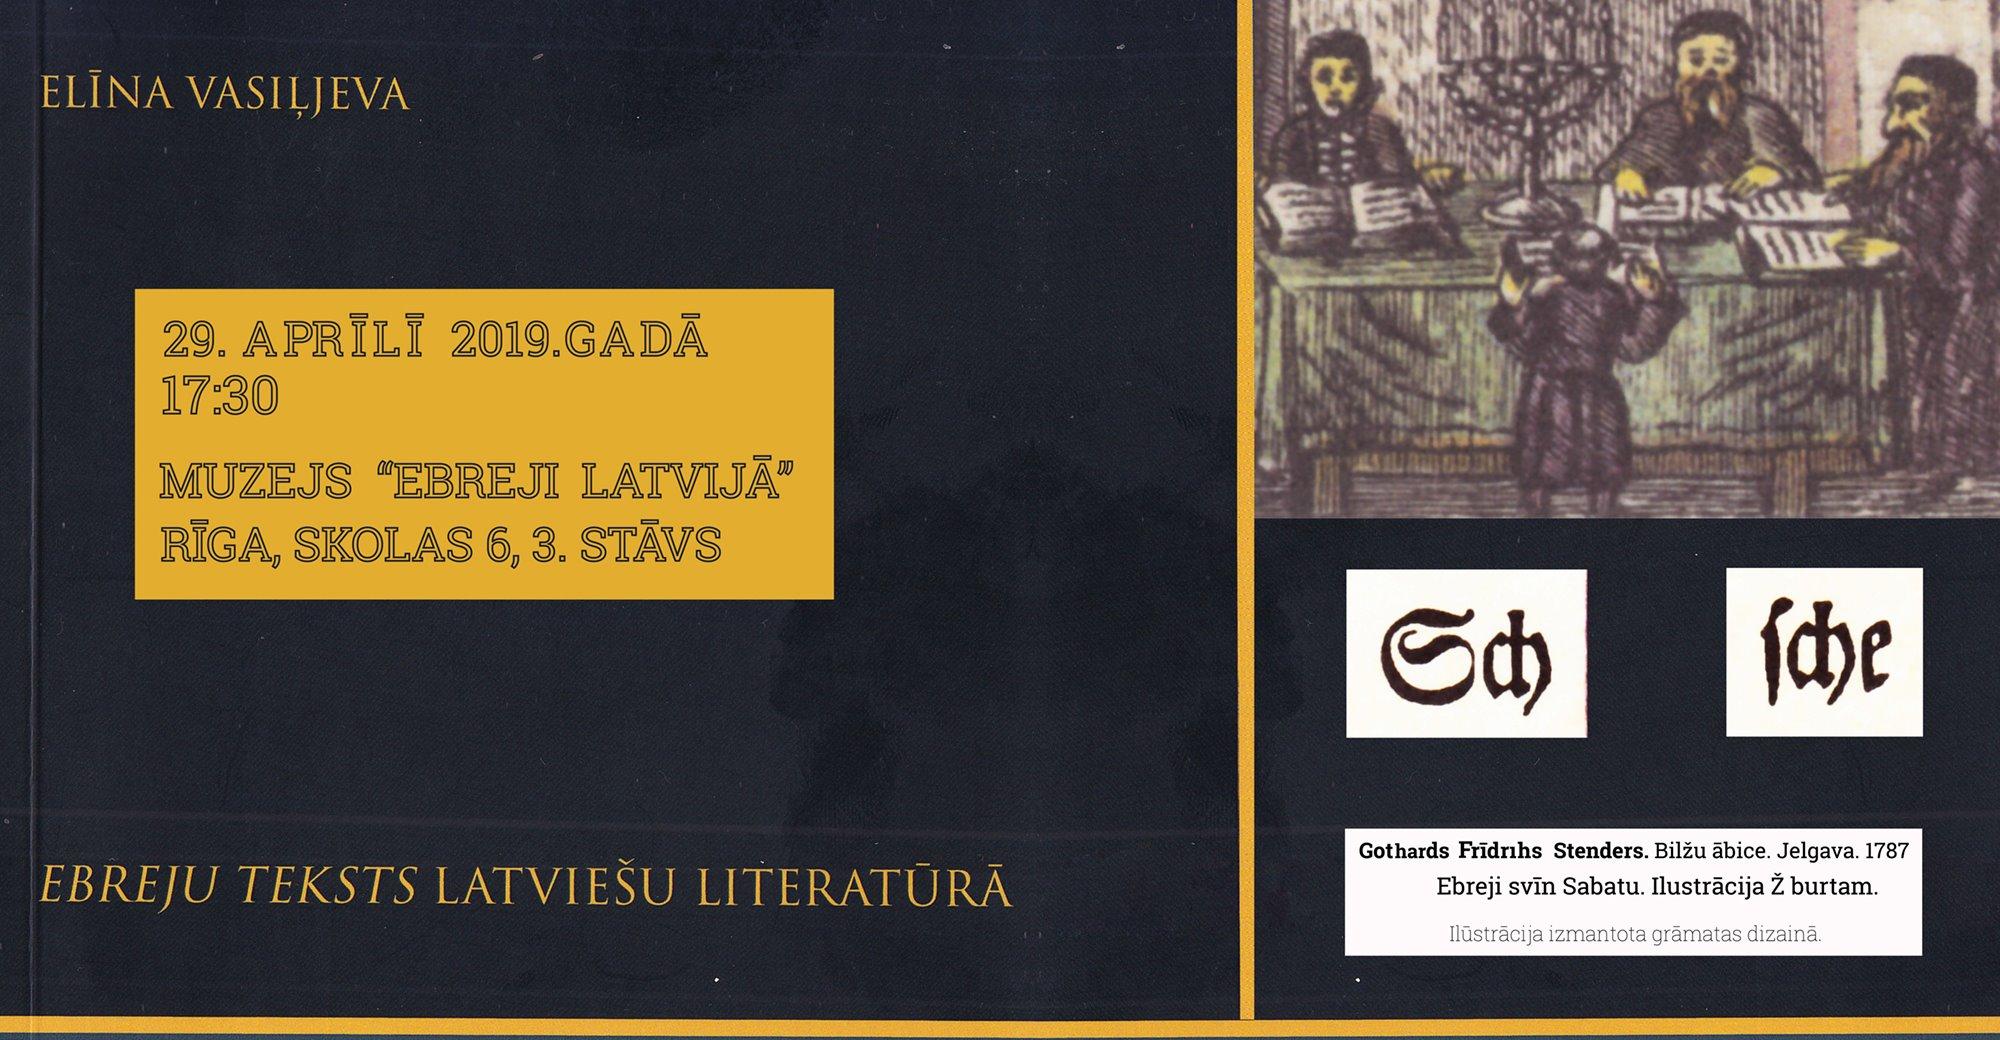 Ebreju teksts latviešu literatūrā: grāmatas prezentācija